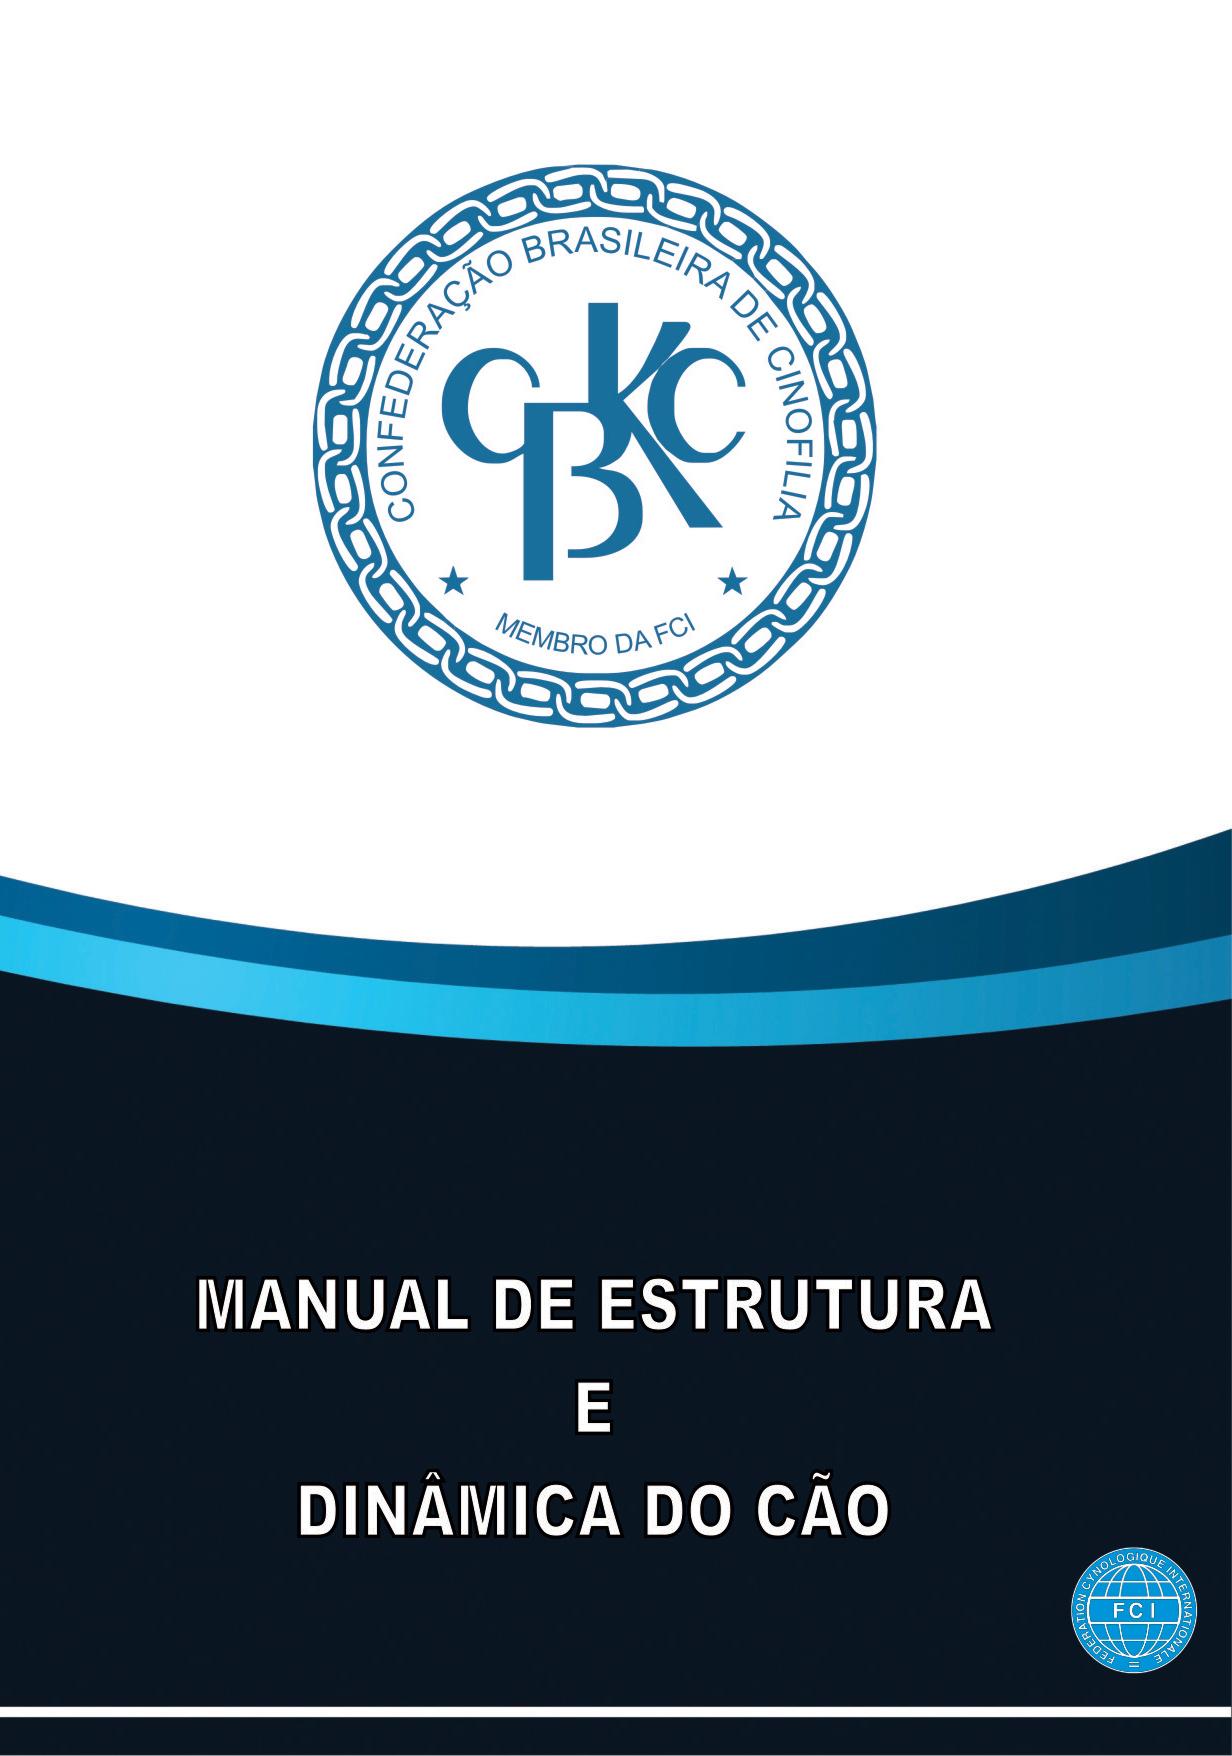 Imagem Artigo CBKC